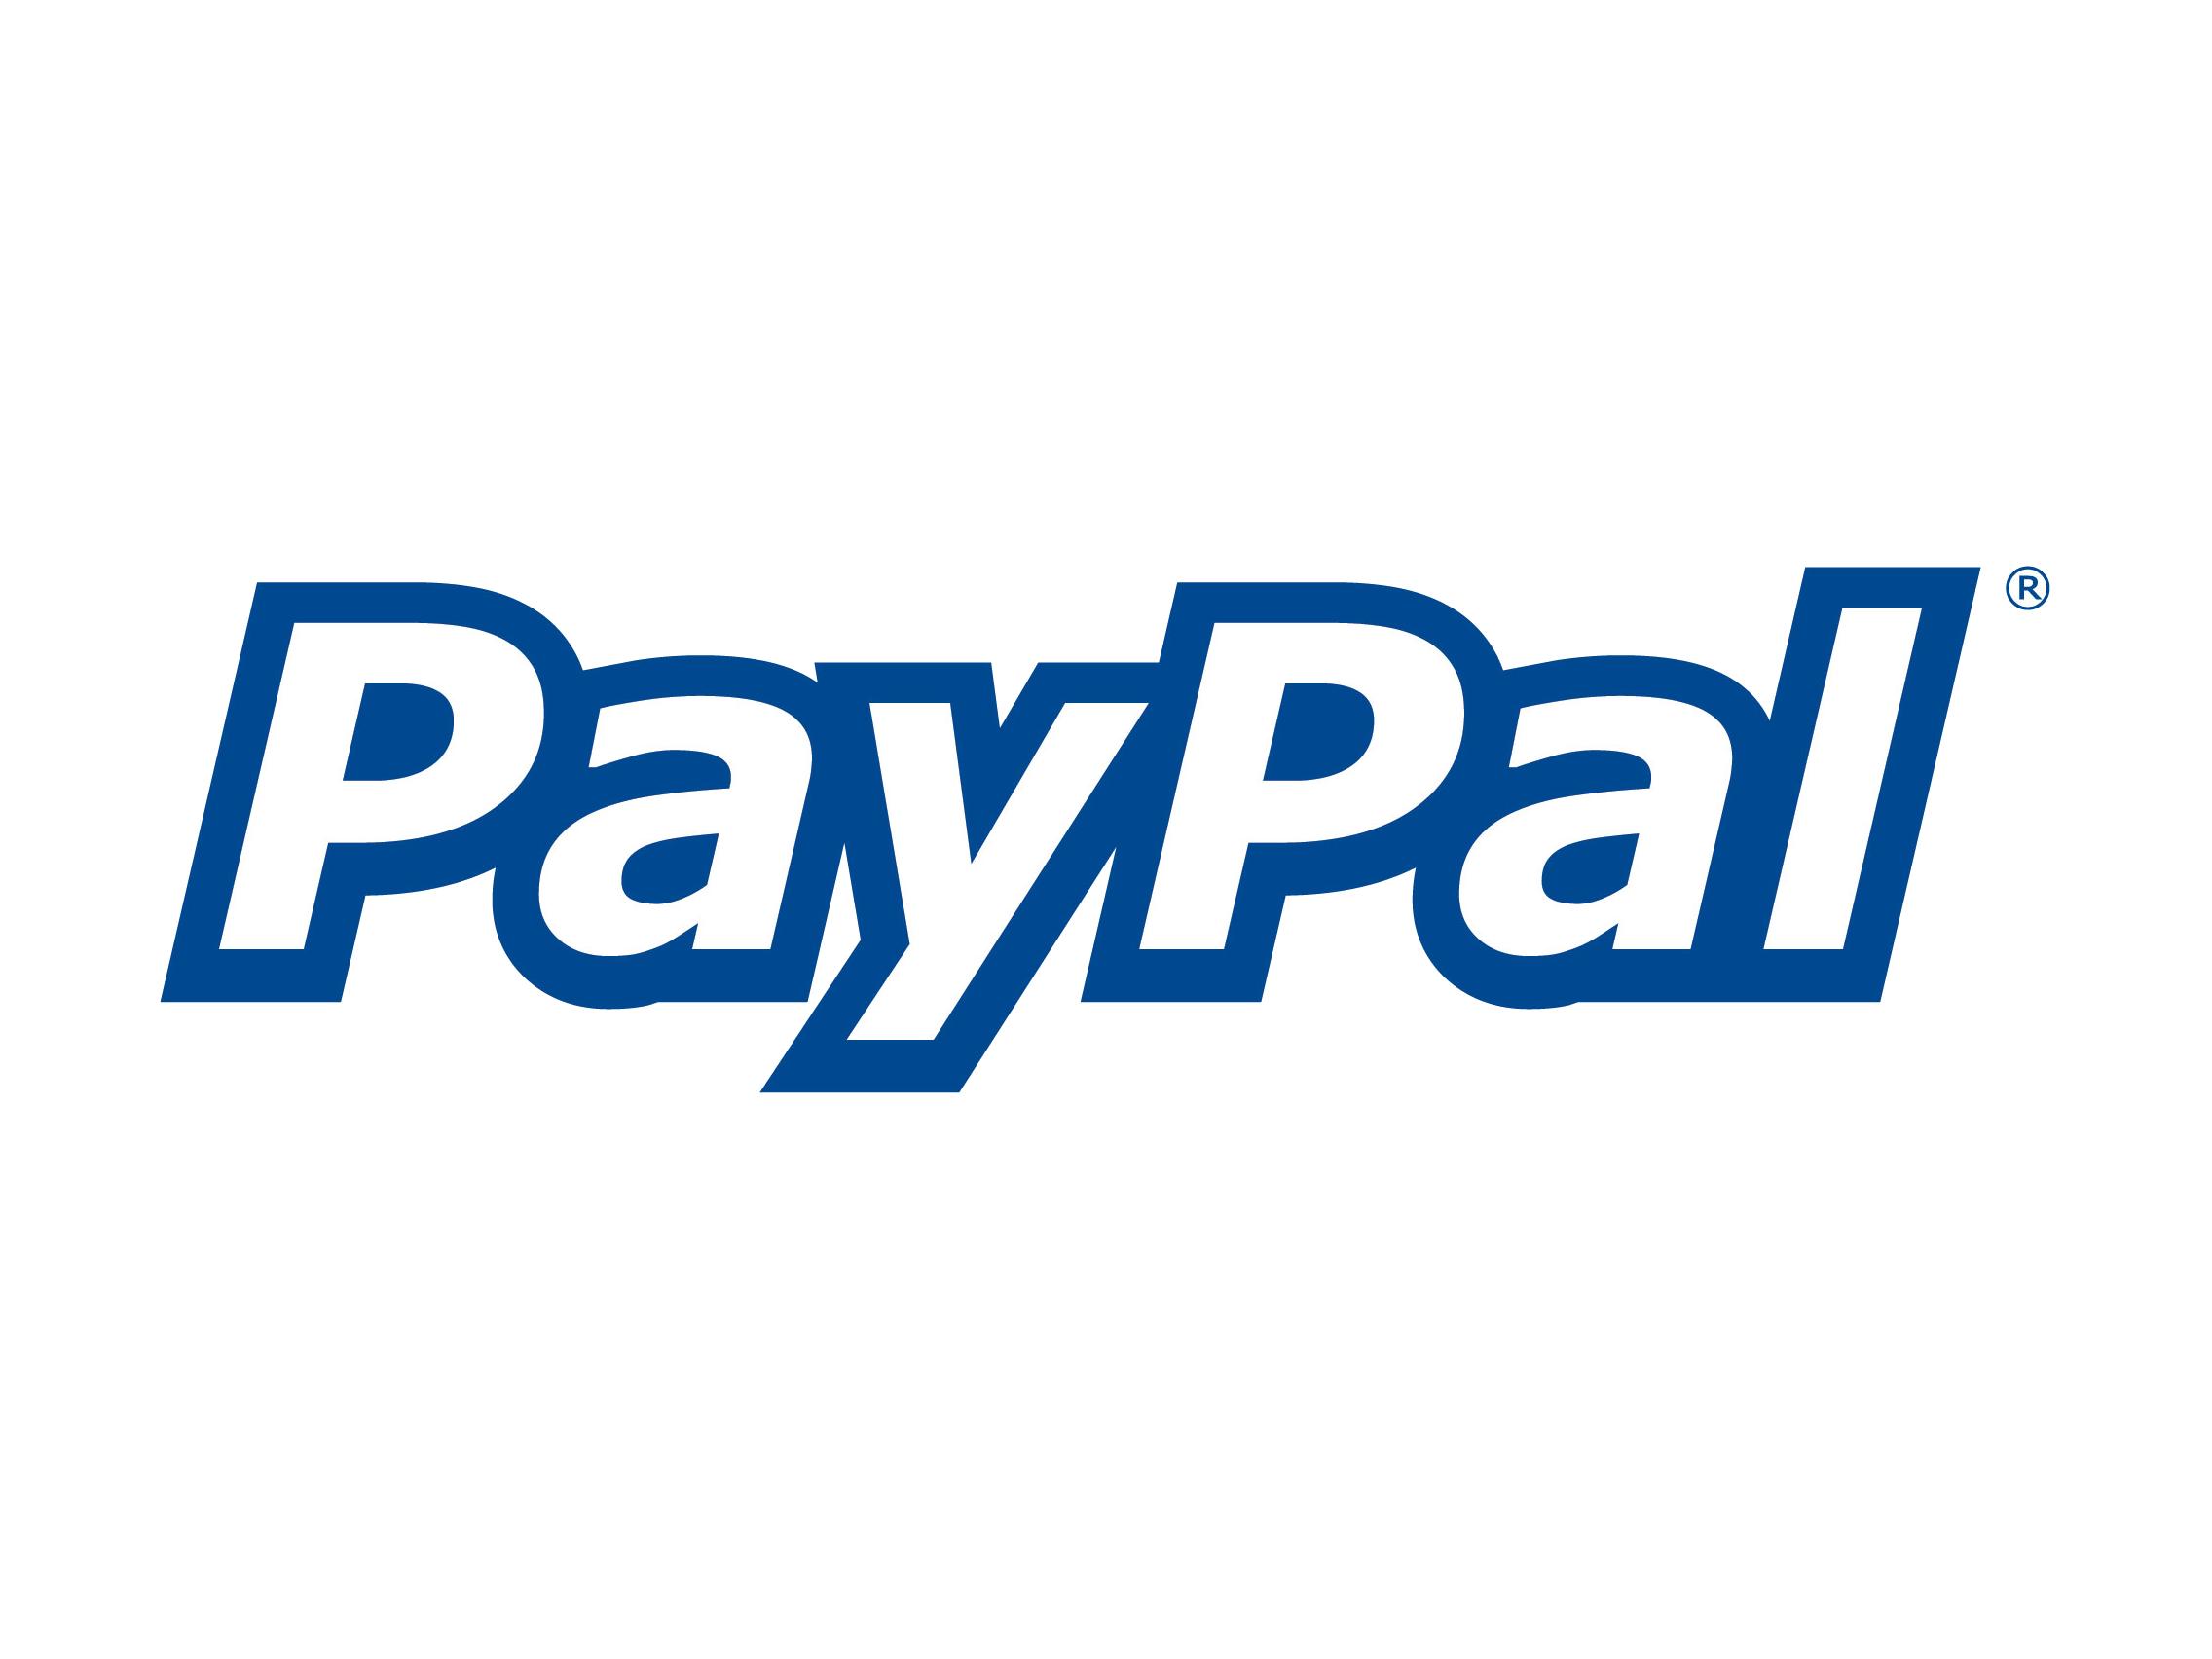 paypal logo png #2118